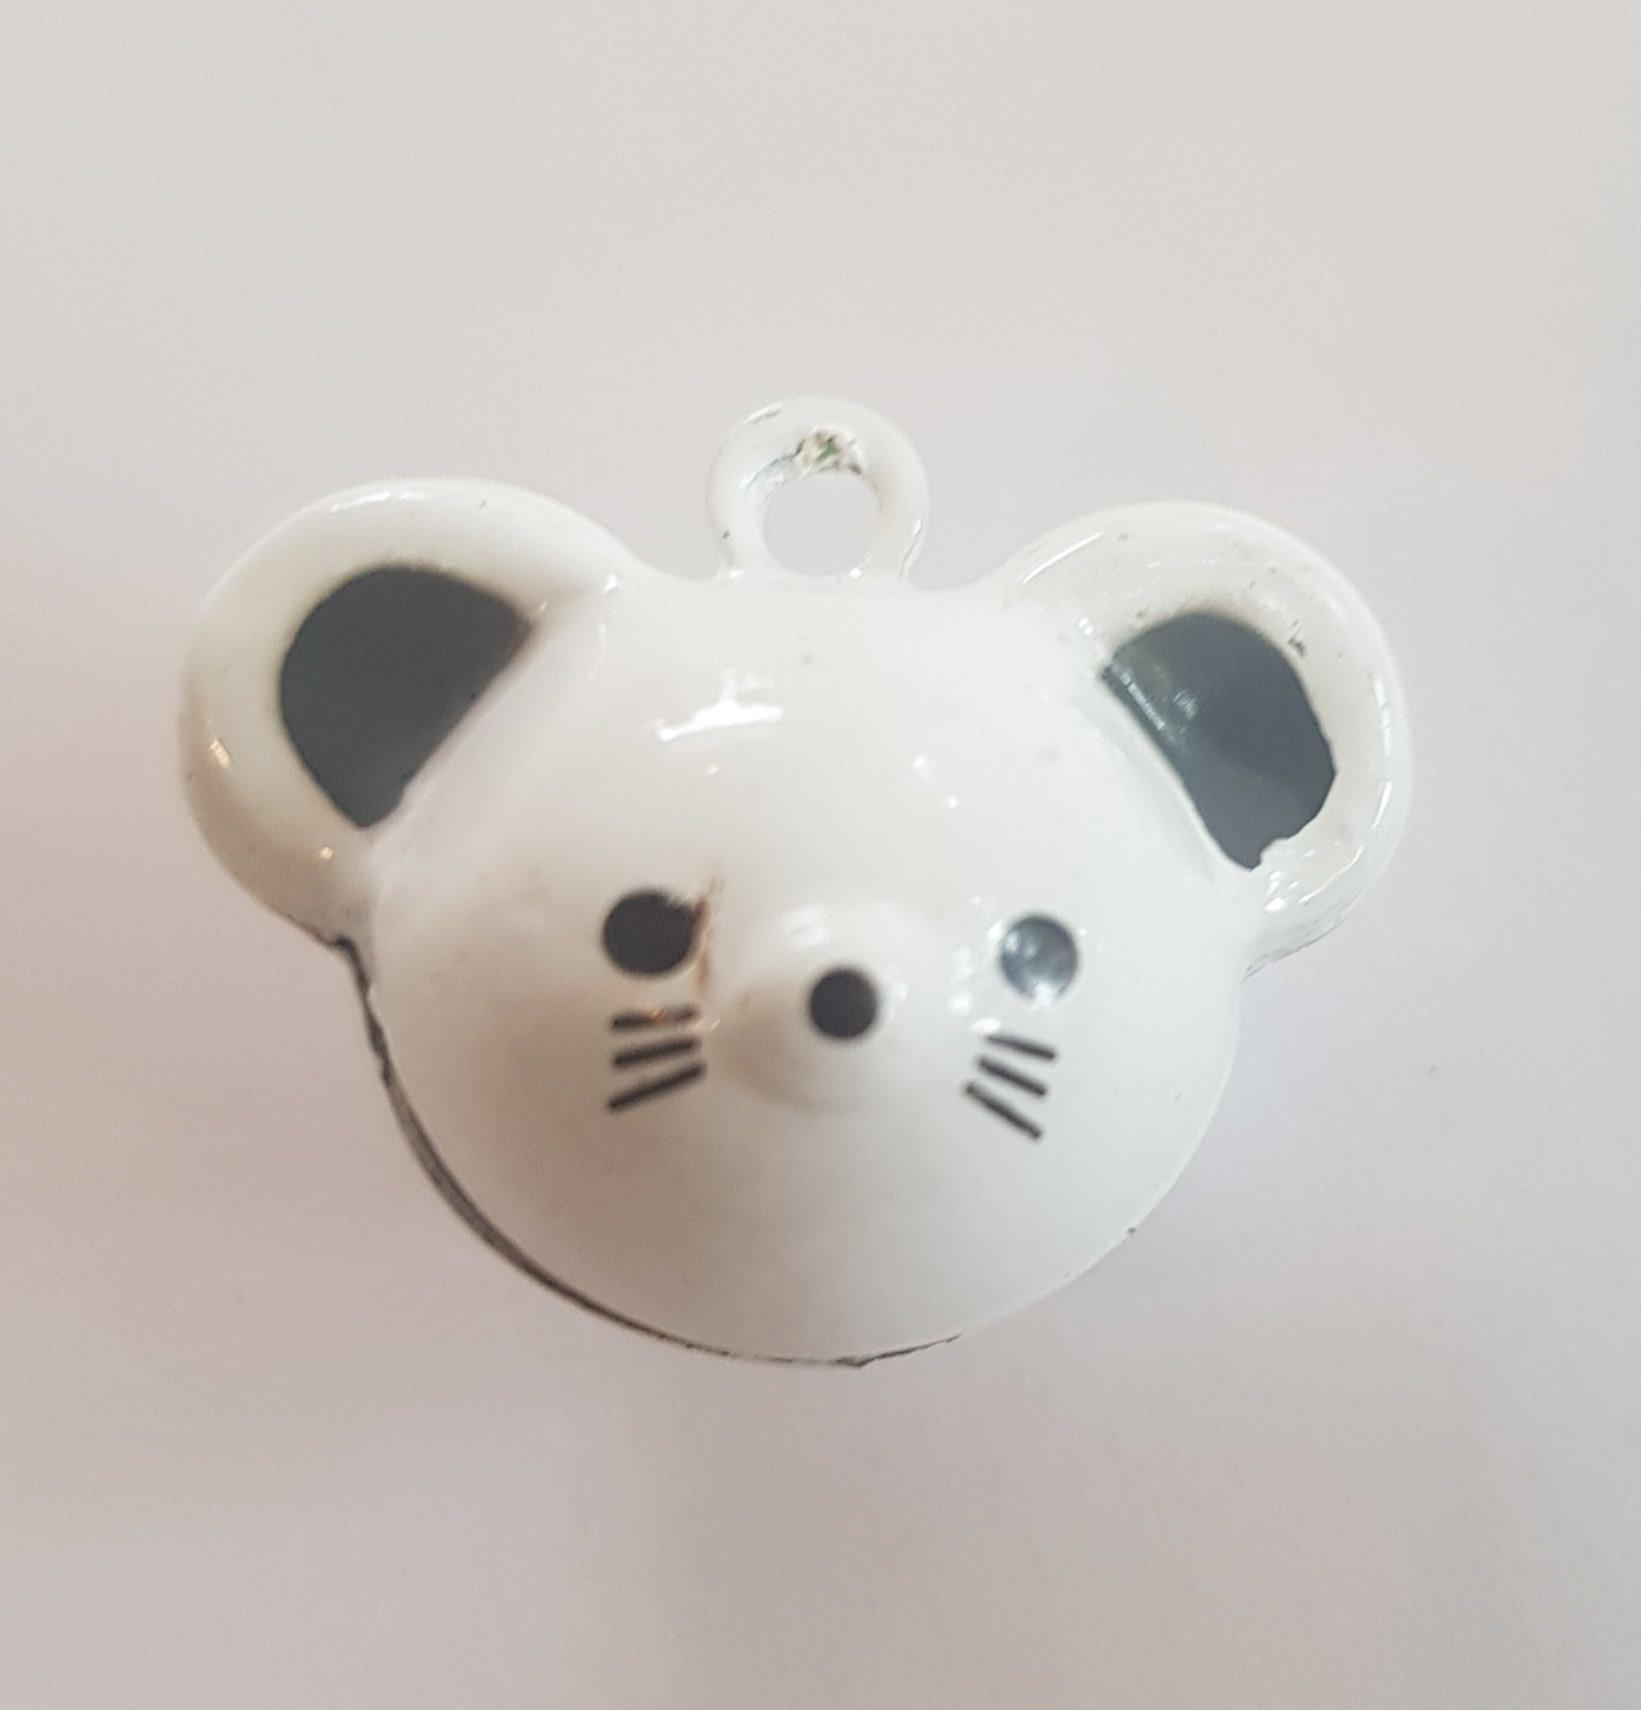 3x muizen belletjes